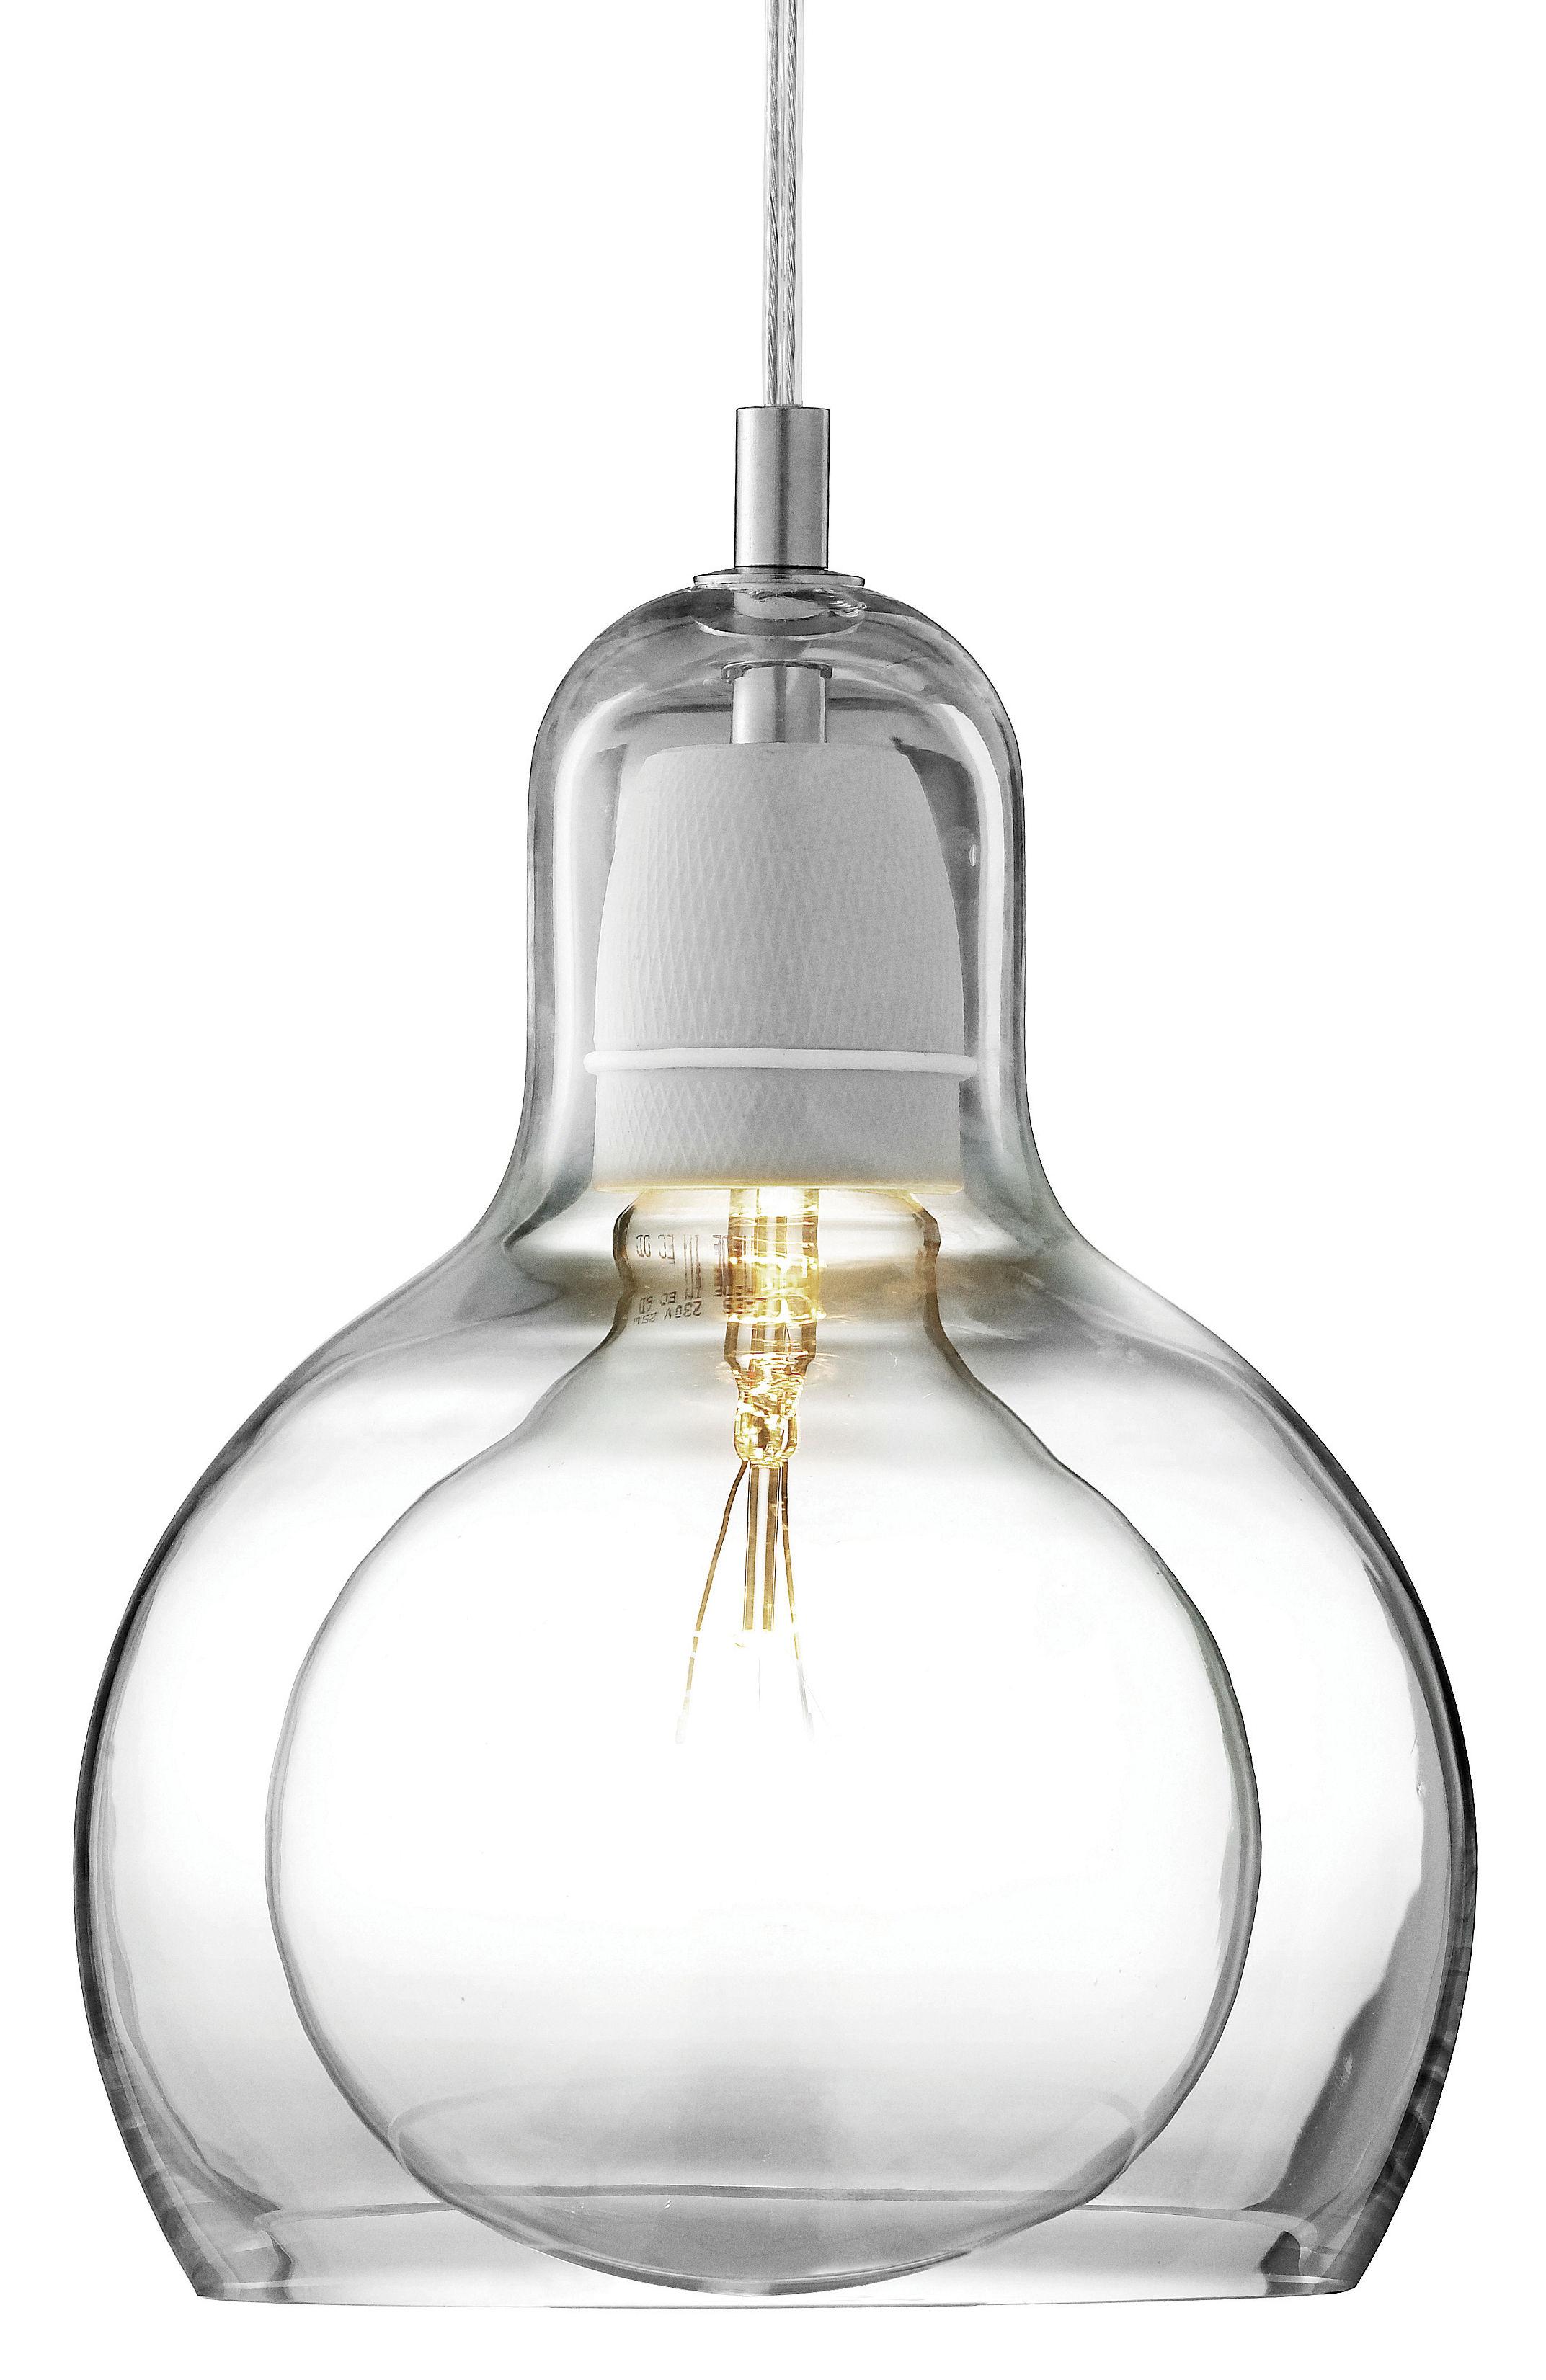 Illuminazione - Lampadari - Sospensione Mega Bulb - Ø 18 cm - Cordone trasparente di &tradition - Trasparente / cavo trasparente - Vetro soffiato a bocca